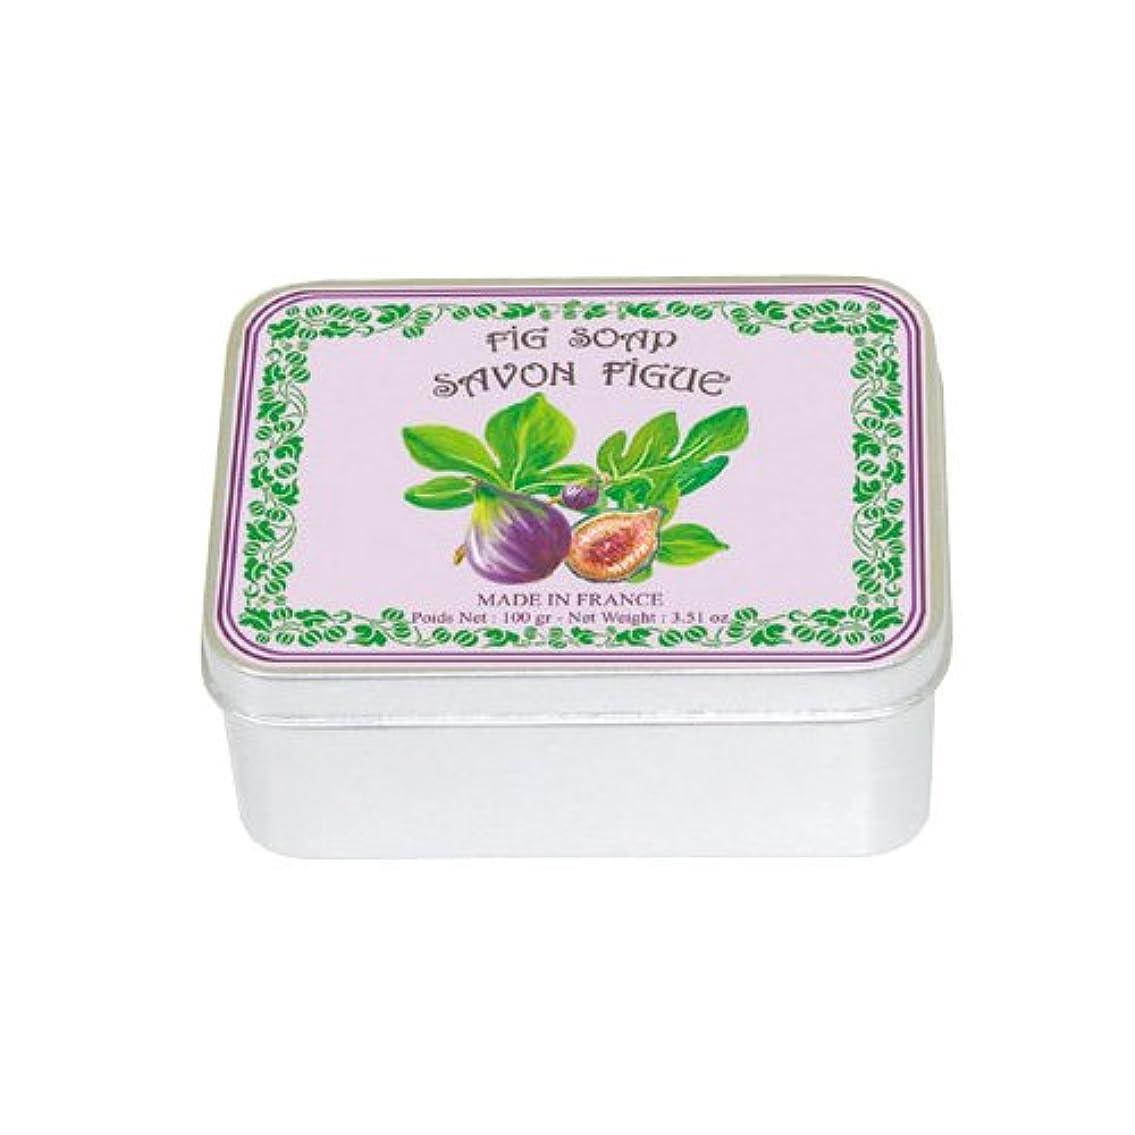 ケント等しい傾向がありますルブランソープ メタルボックス(イチジクの香り)石鹸